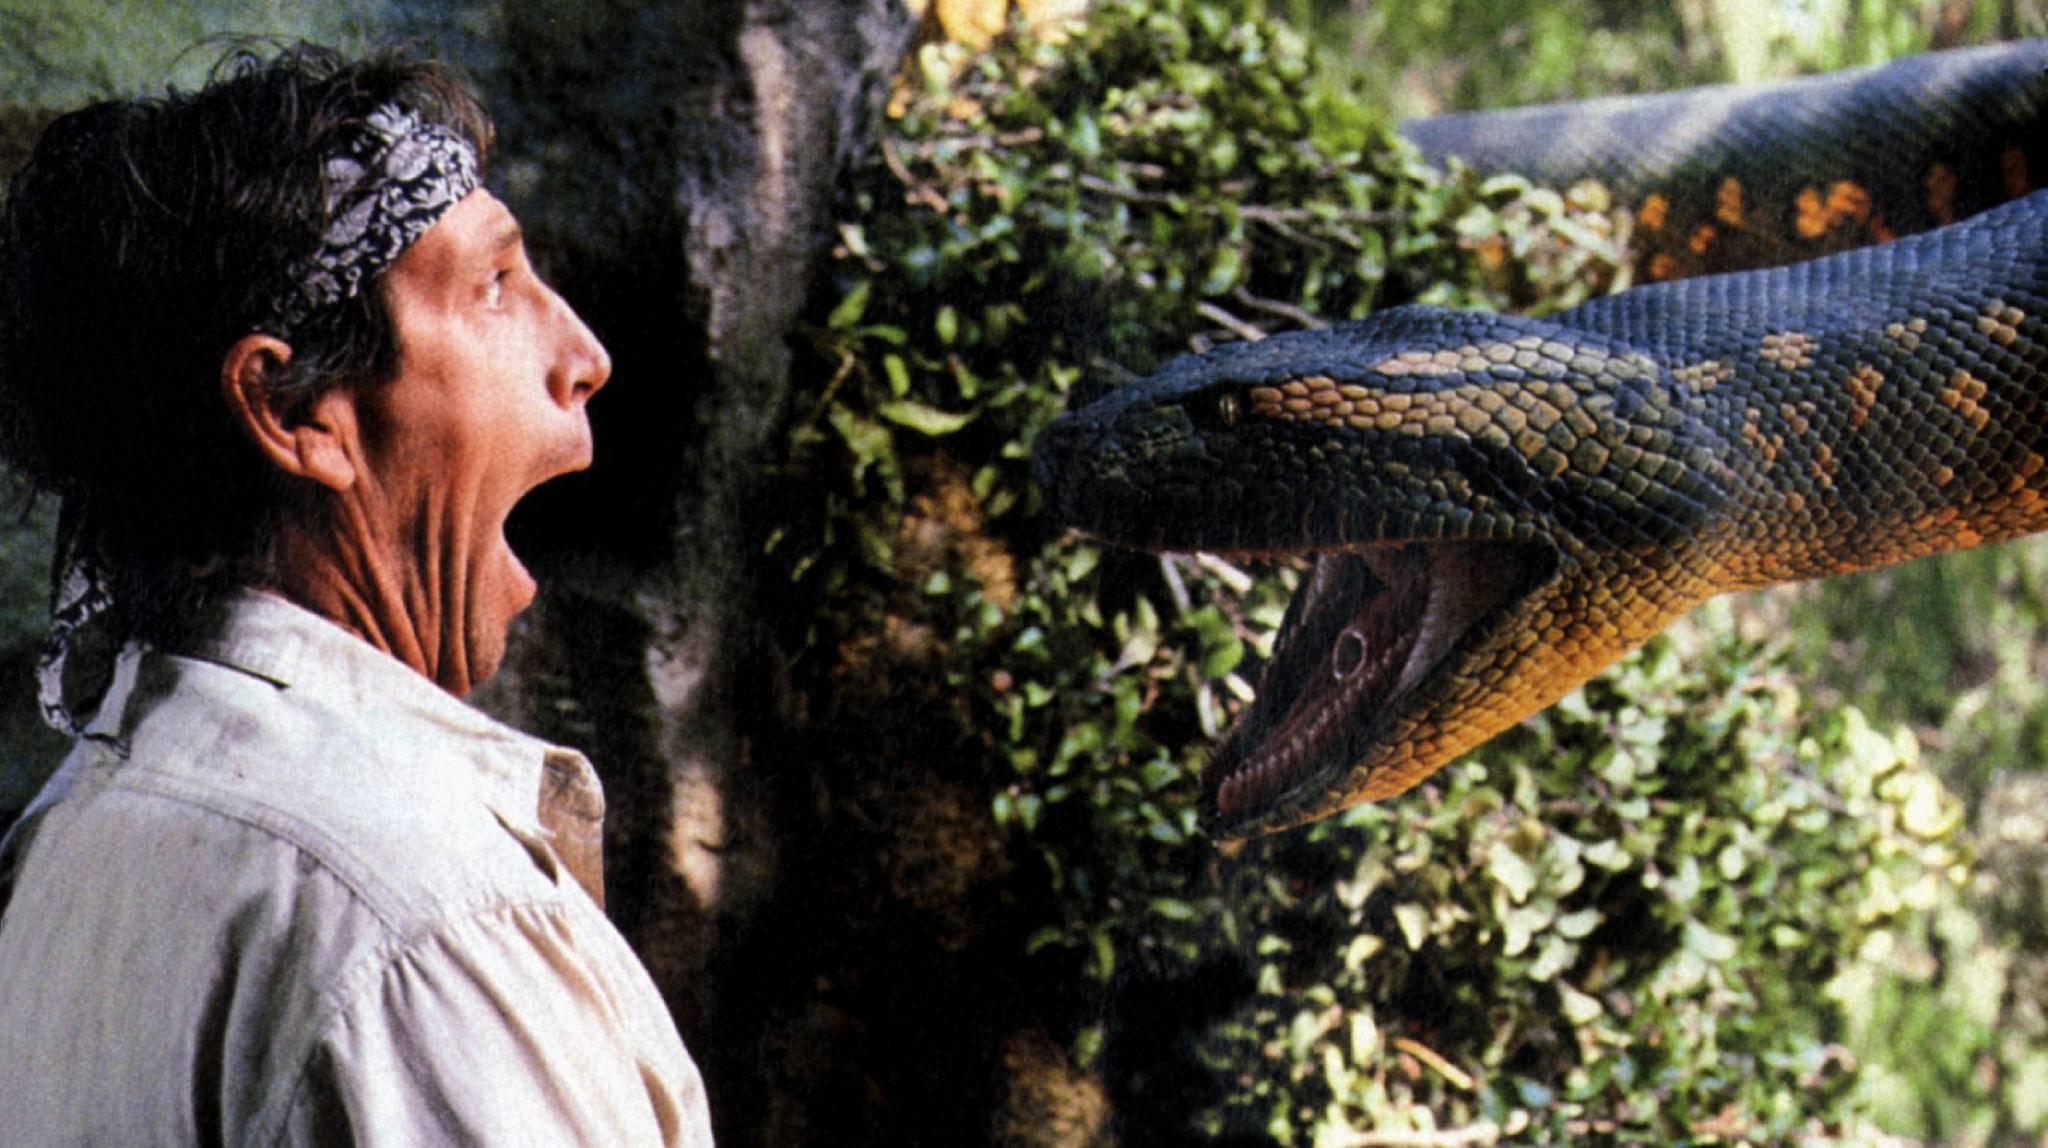 Auge in Auge mit der Bestie – das kommt in Schlangenfilmen üblicherweise erst ab einer gewissen Größe des Reptils vor.